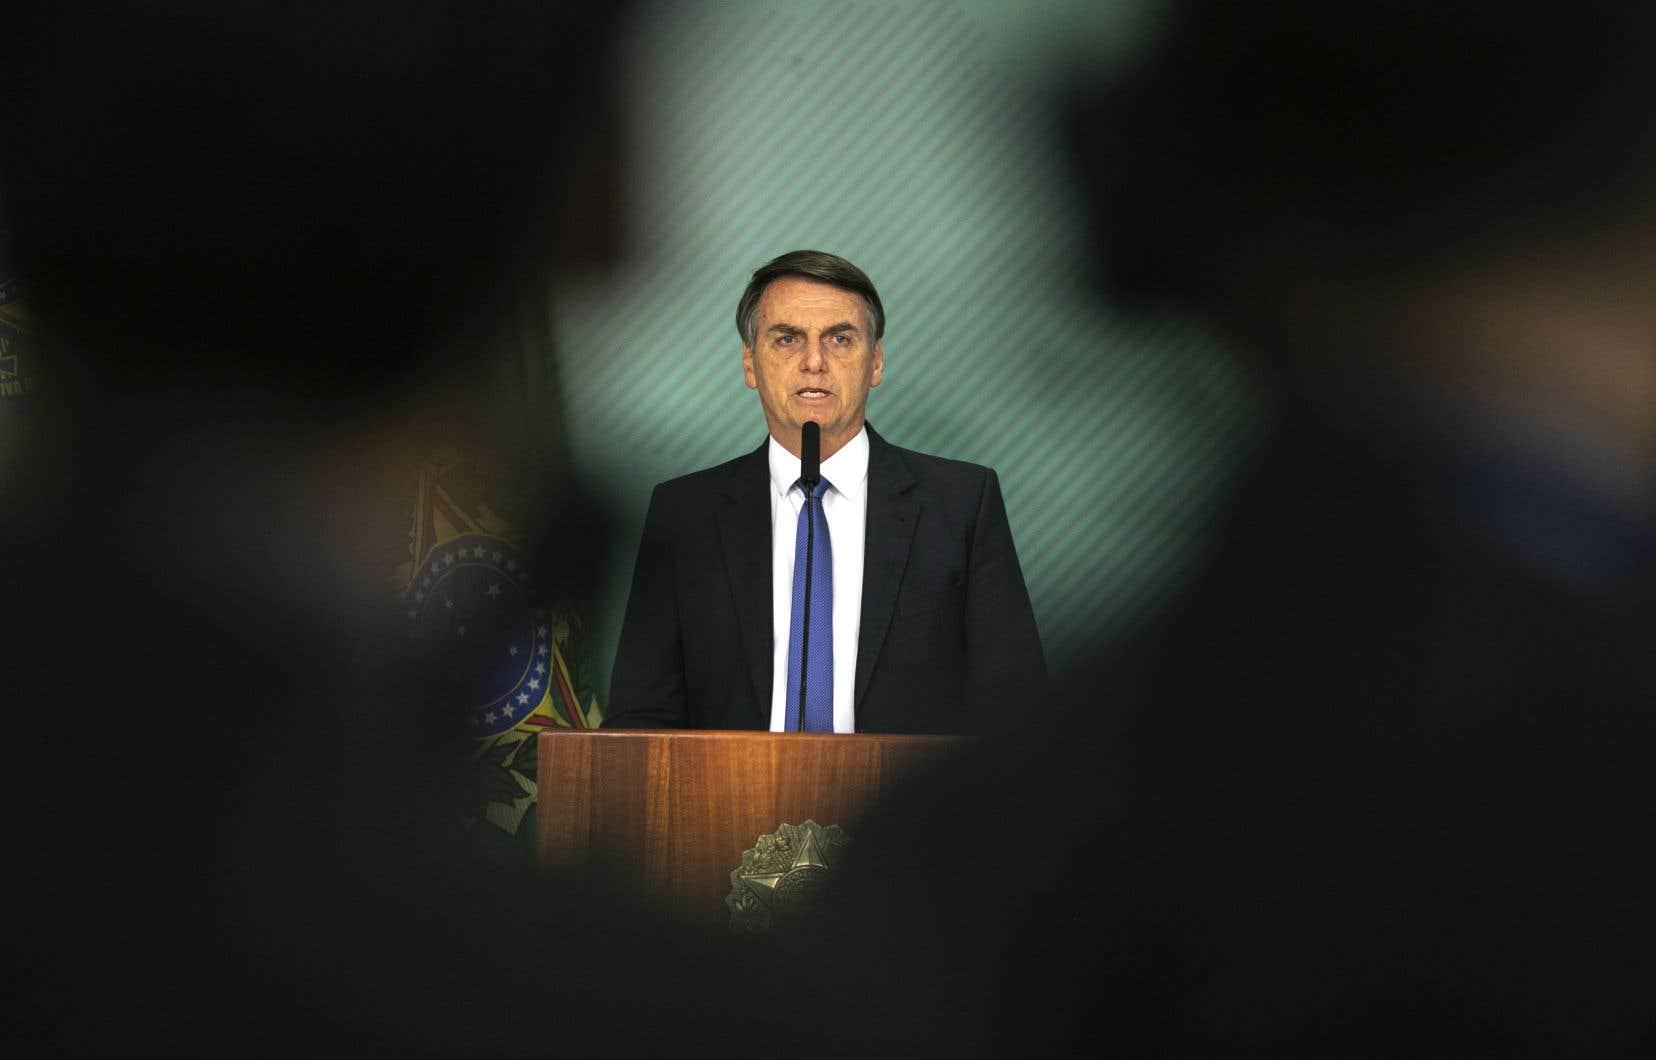 <p>Le président brésilien Jair Bolsonaro s'est dit «consterné» par «cette tragédie»qui a enlevé la vie de jeunes qui entamaient leur chemin vers la réalisation de leurs rêves professionnels.</p>